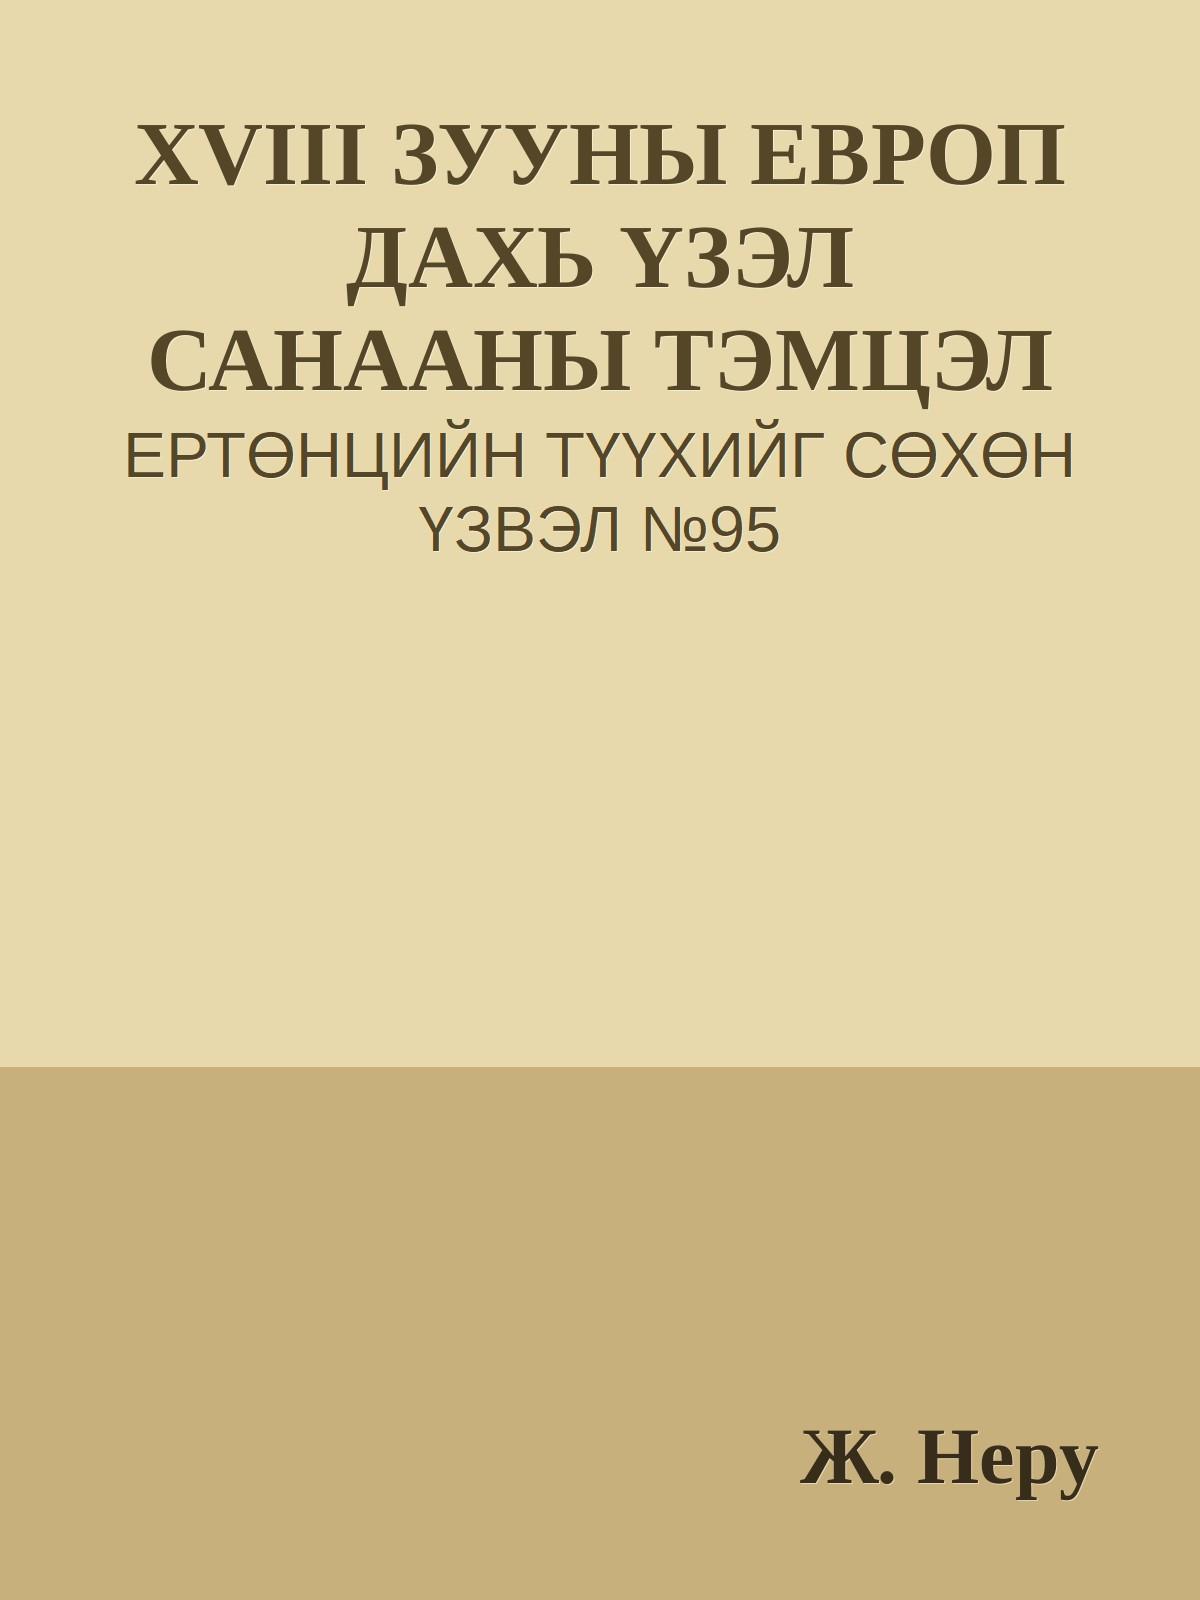 XVIII ЗУУНЫ ЕВРОП ДАХЬ ҮЗЭЛ САНААНЫ ТЭМЦЭЛ